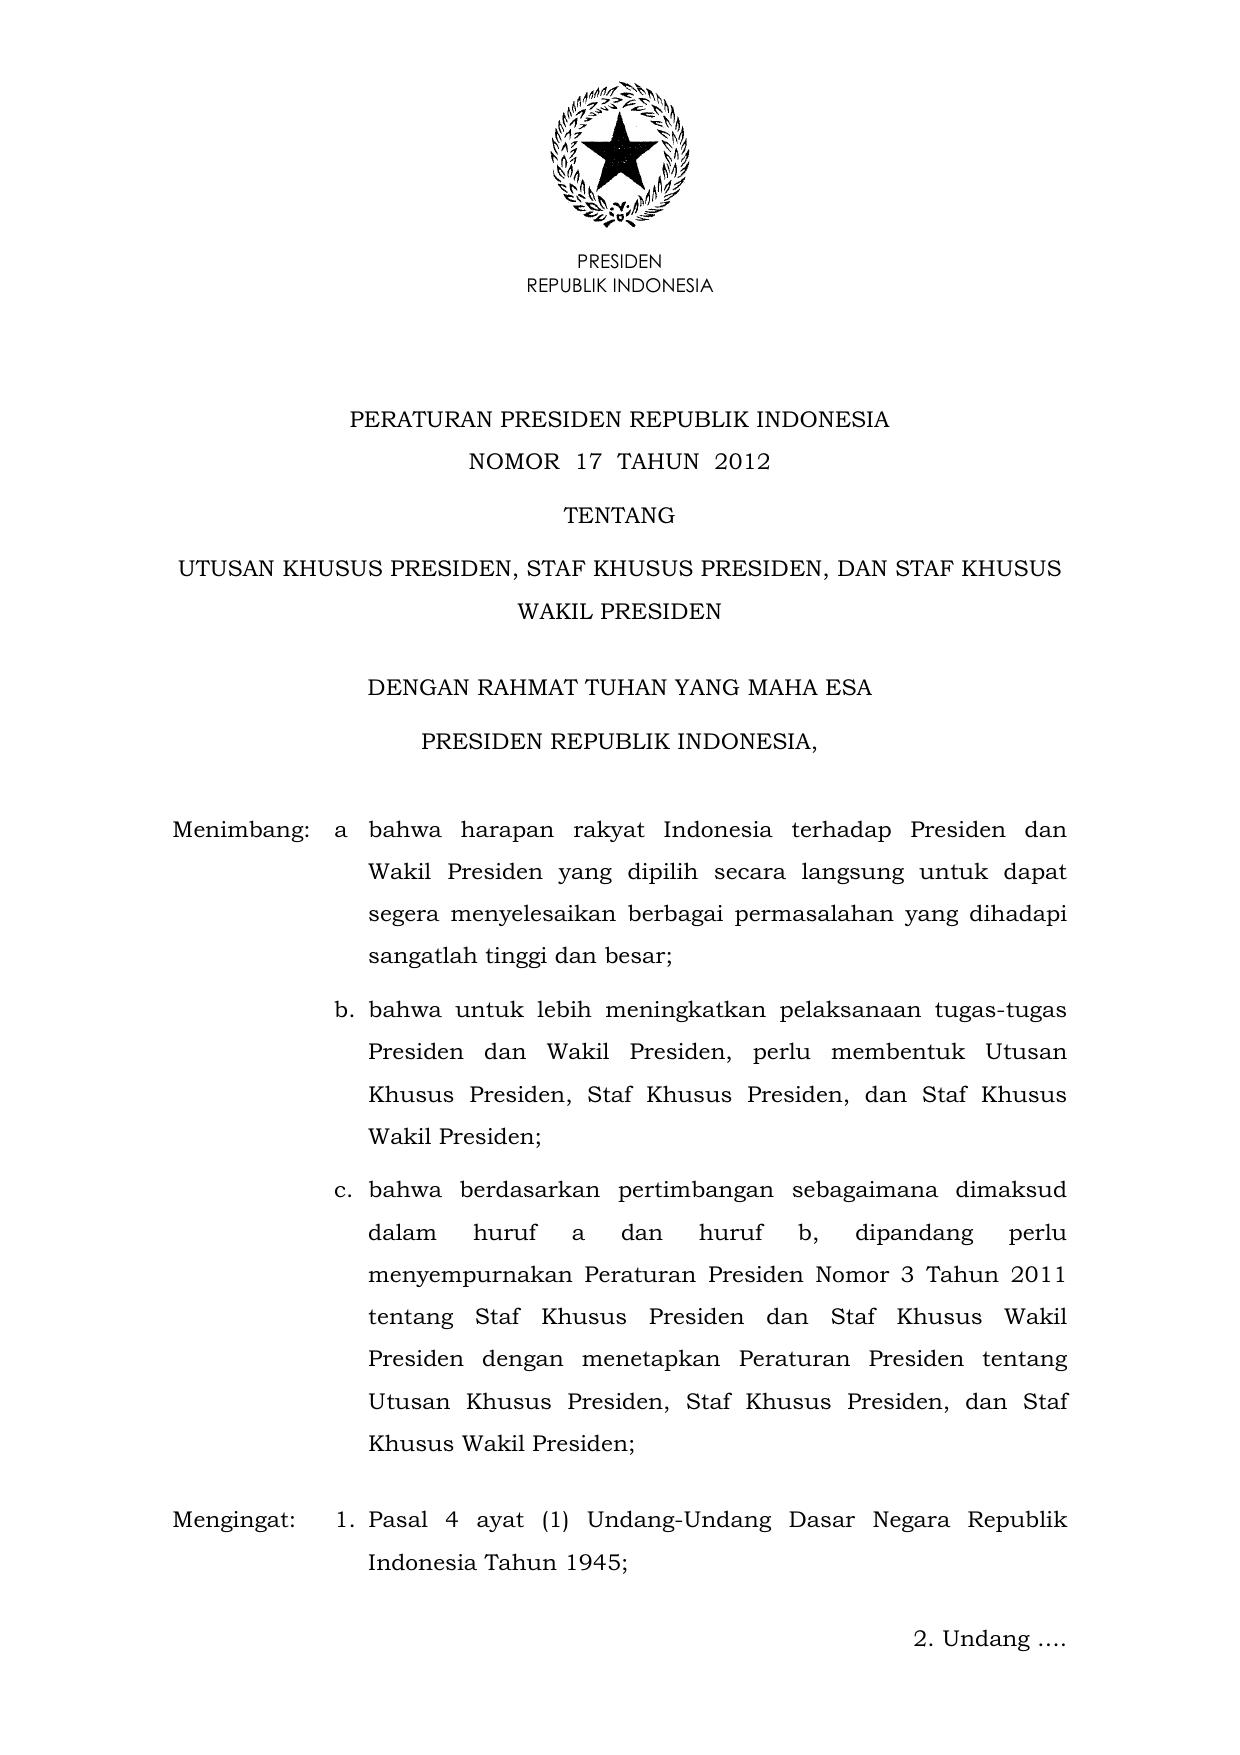 Peraturan Presiden Republik Indonesia Nomor 17 Tahun 2012